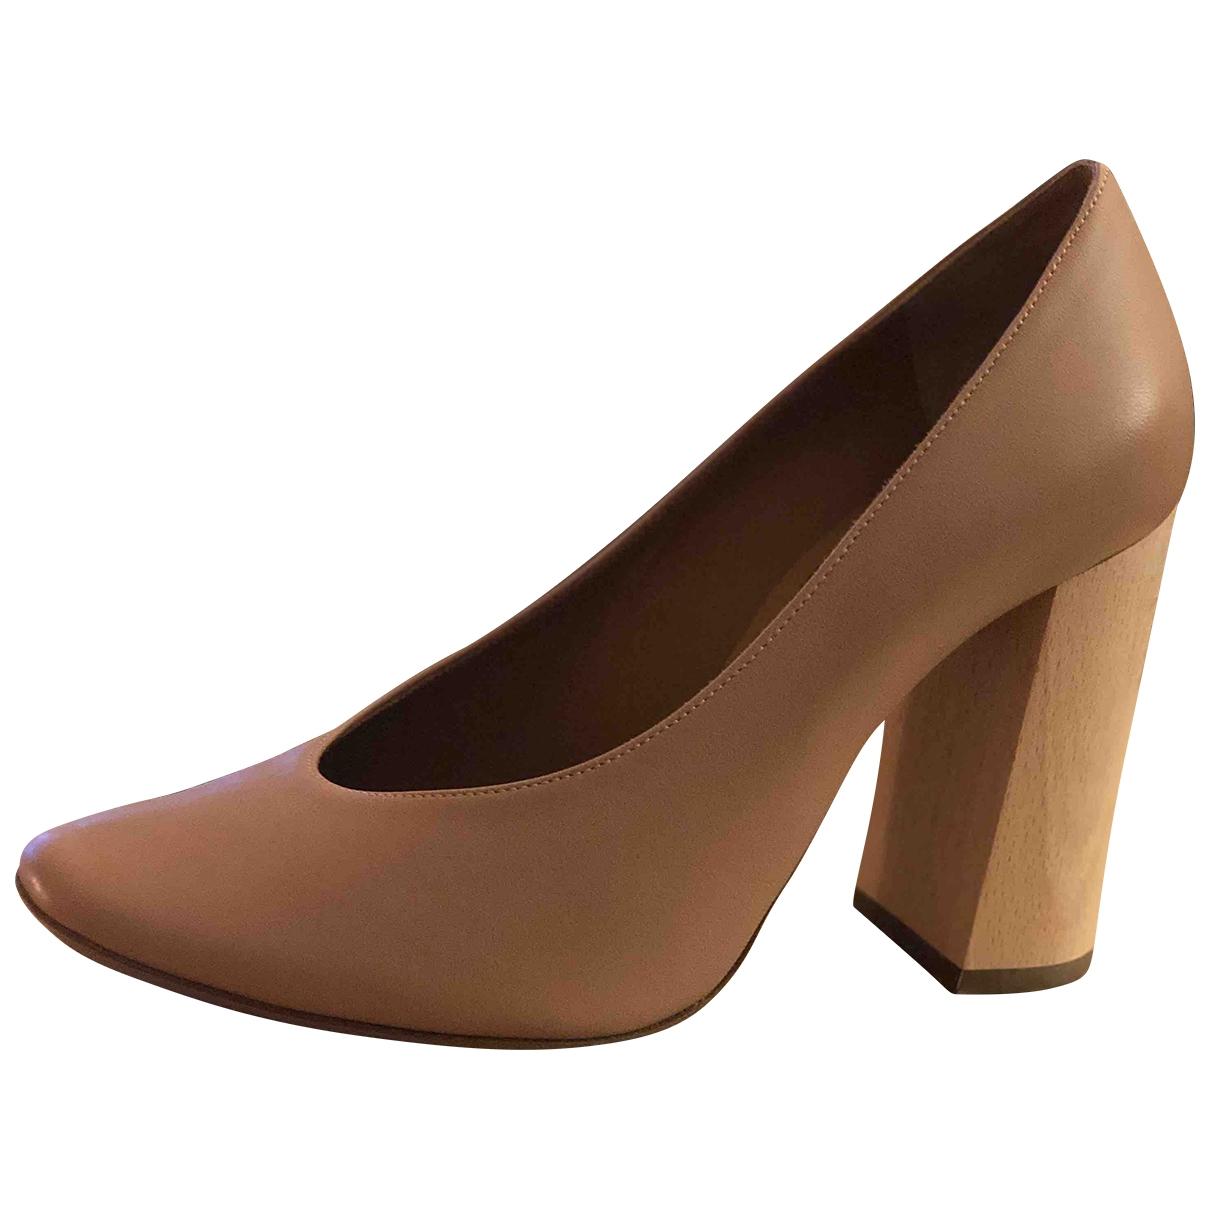 Chloé \N Beige Leather Heels for Women 36 EU